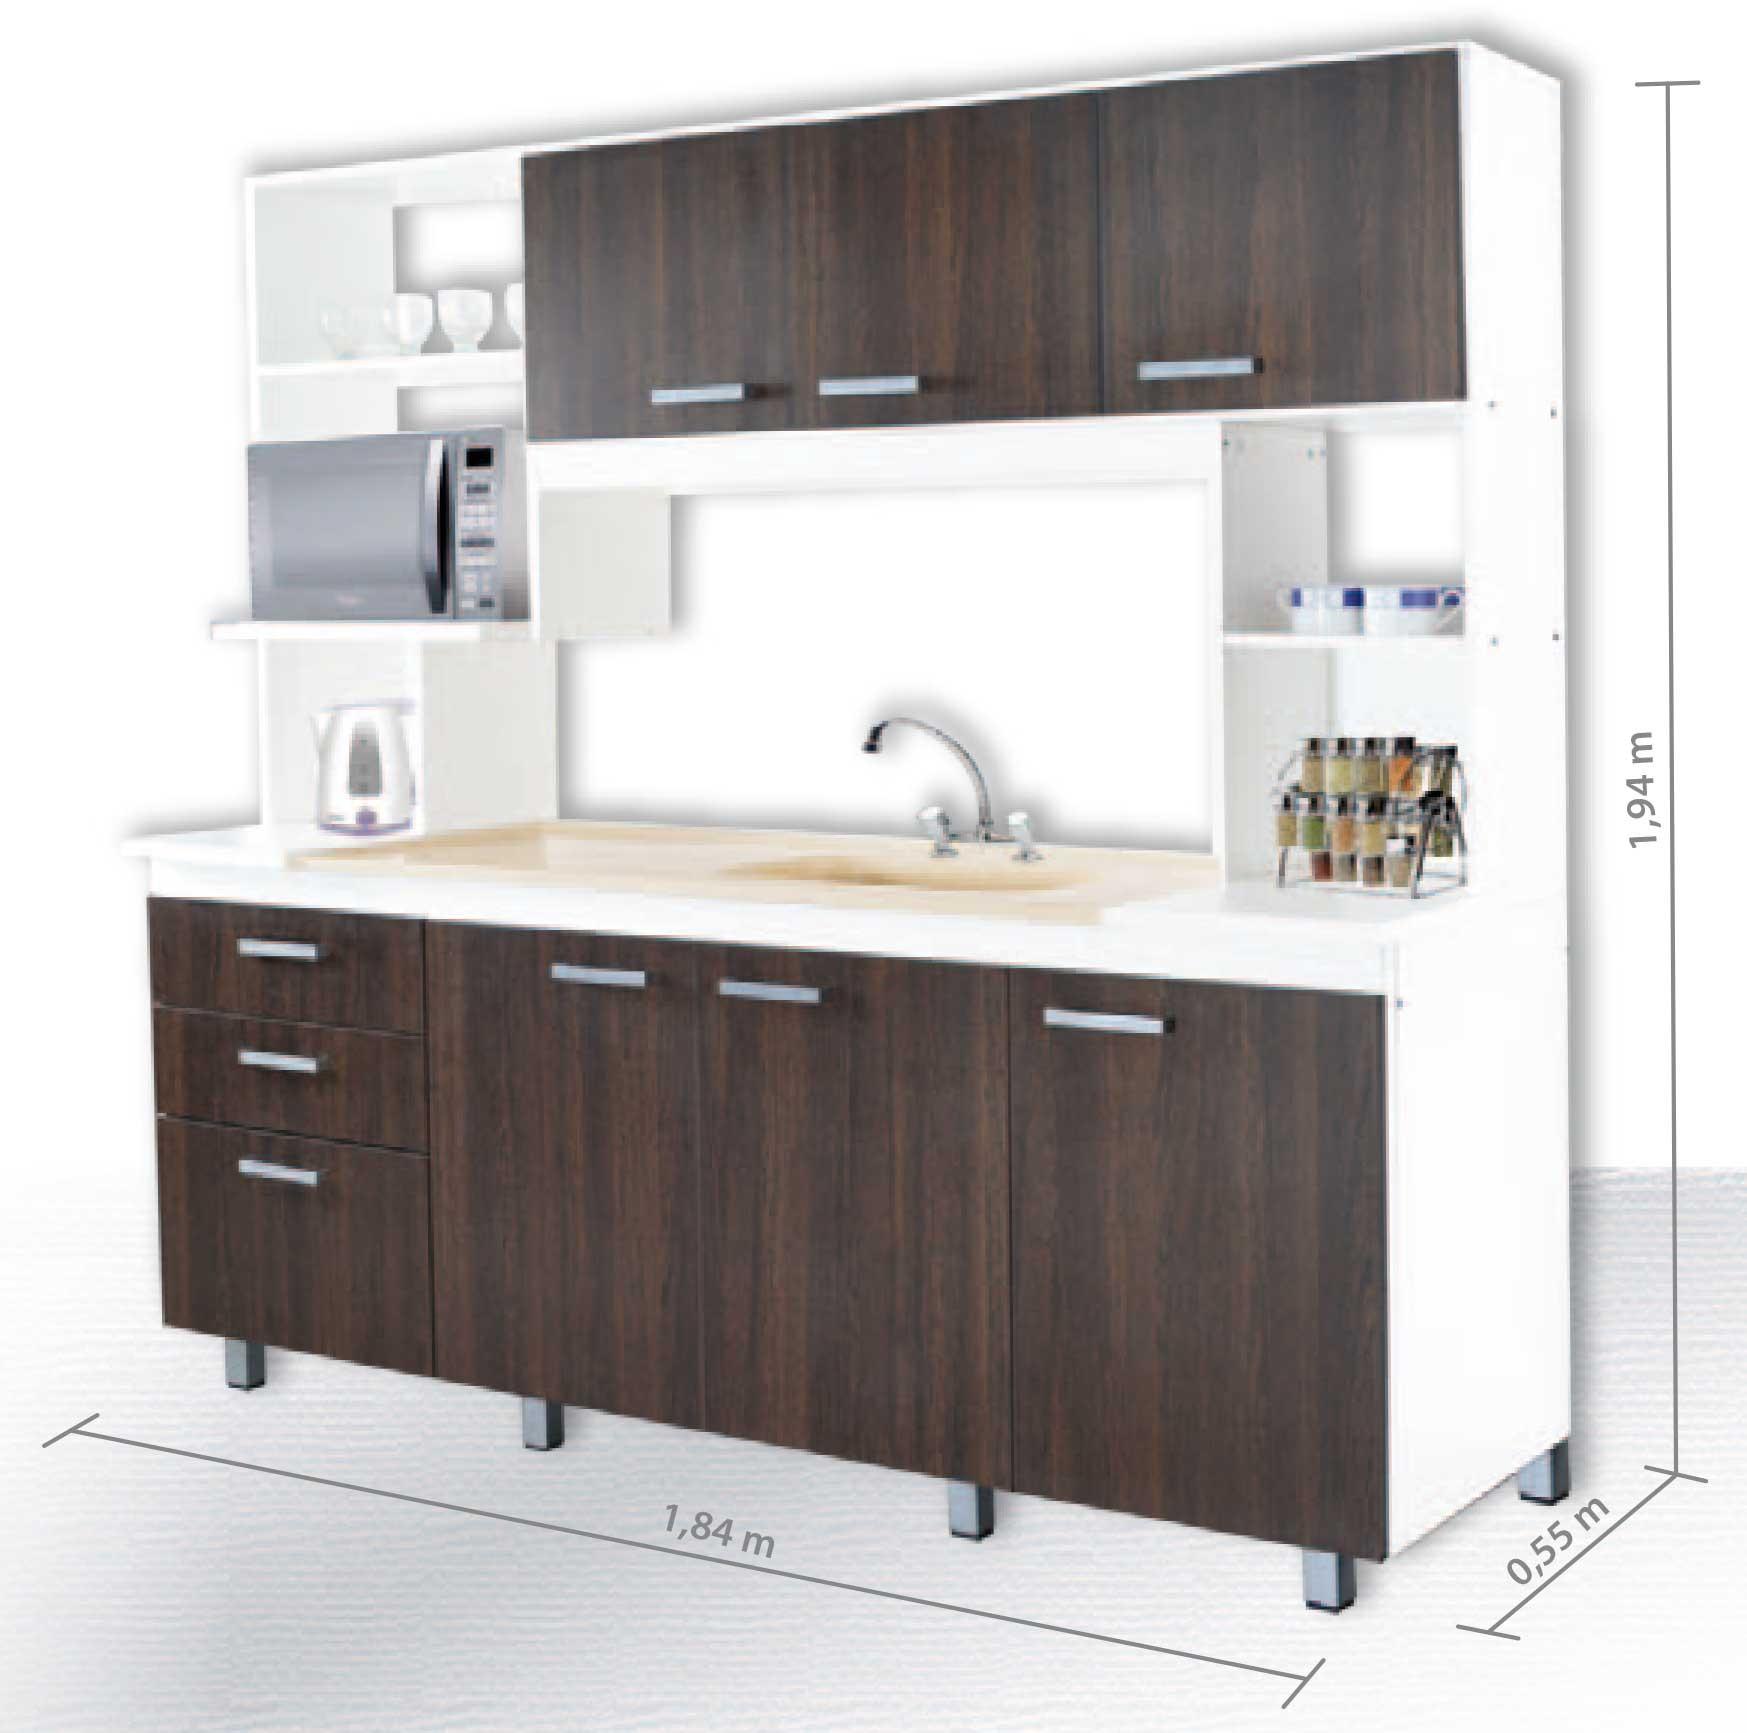 Kit de Cocina - Platinum - Muebles 365